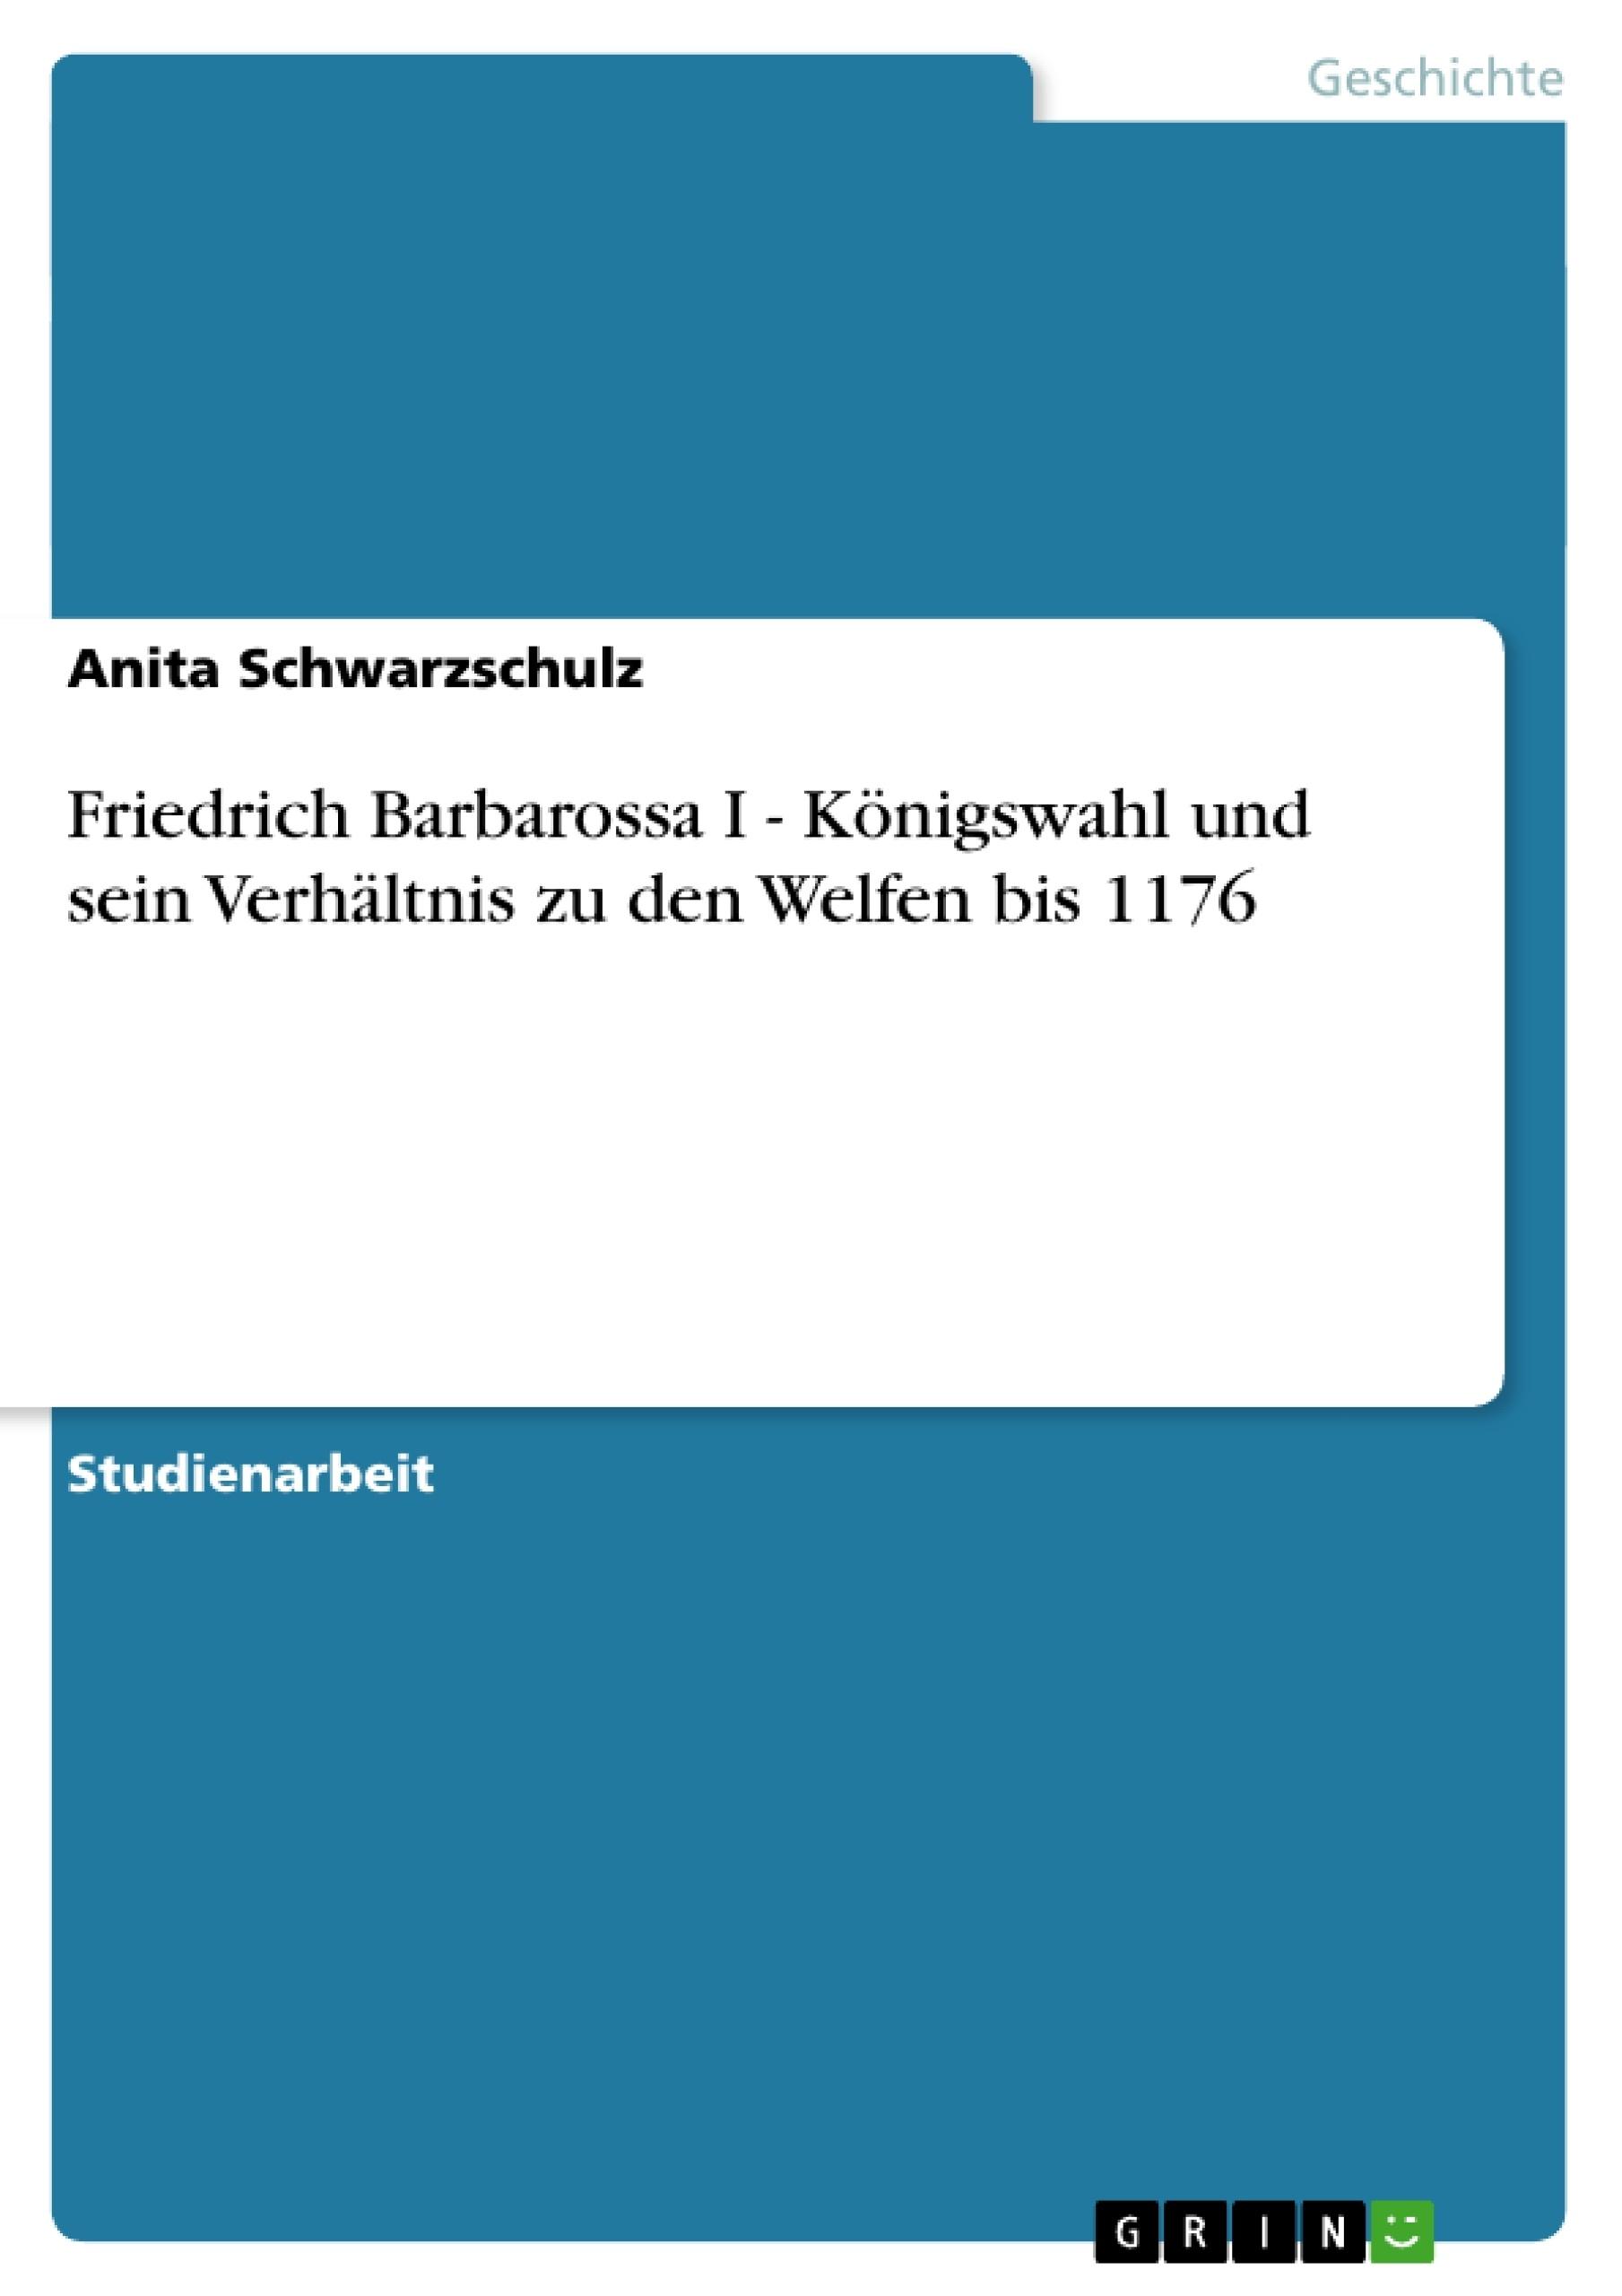 Titel: Friedrich Barbarossa I - Königswahl und sein Verhältnis zu den Welfen bis 1176